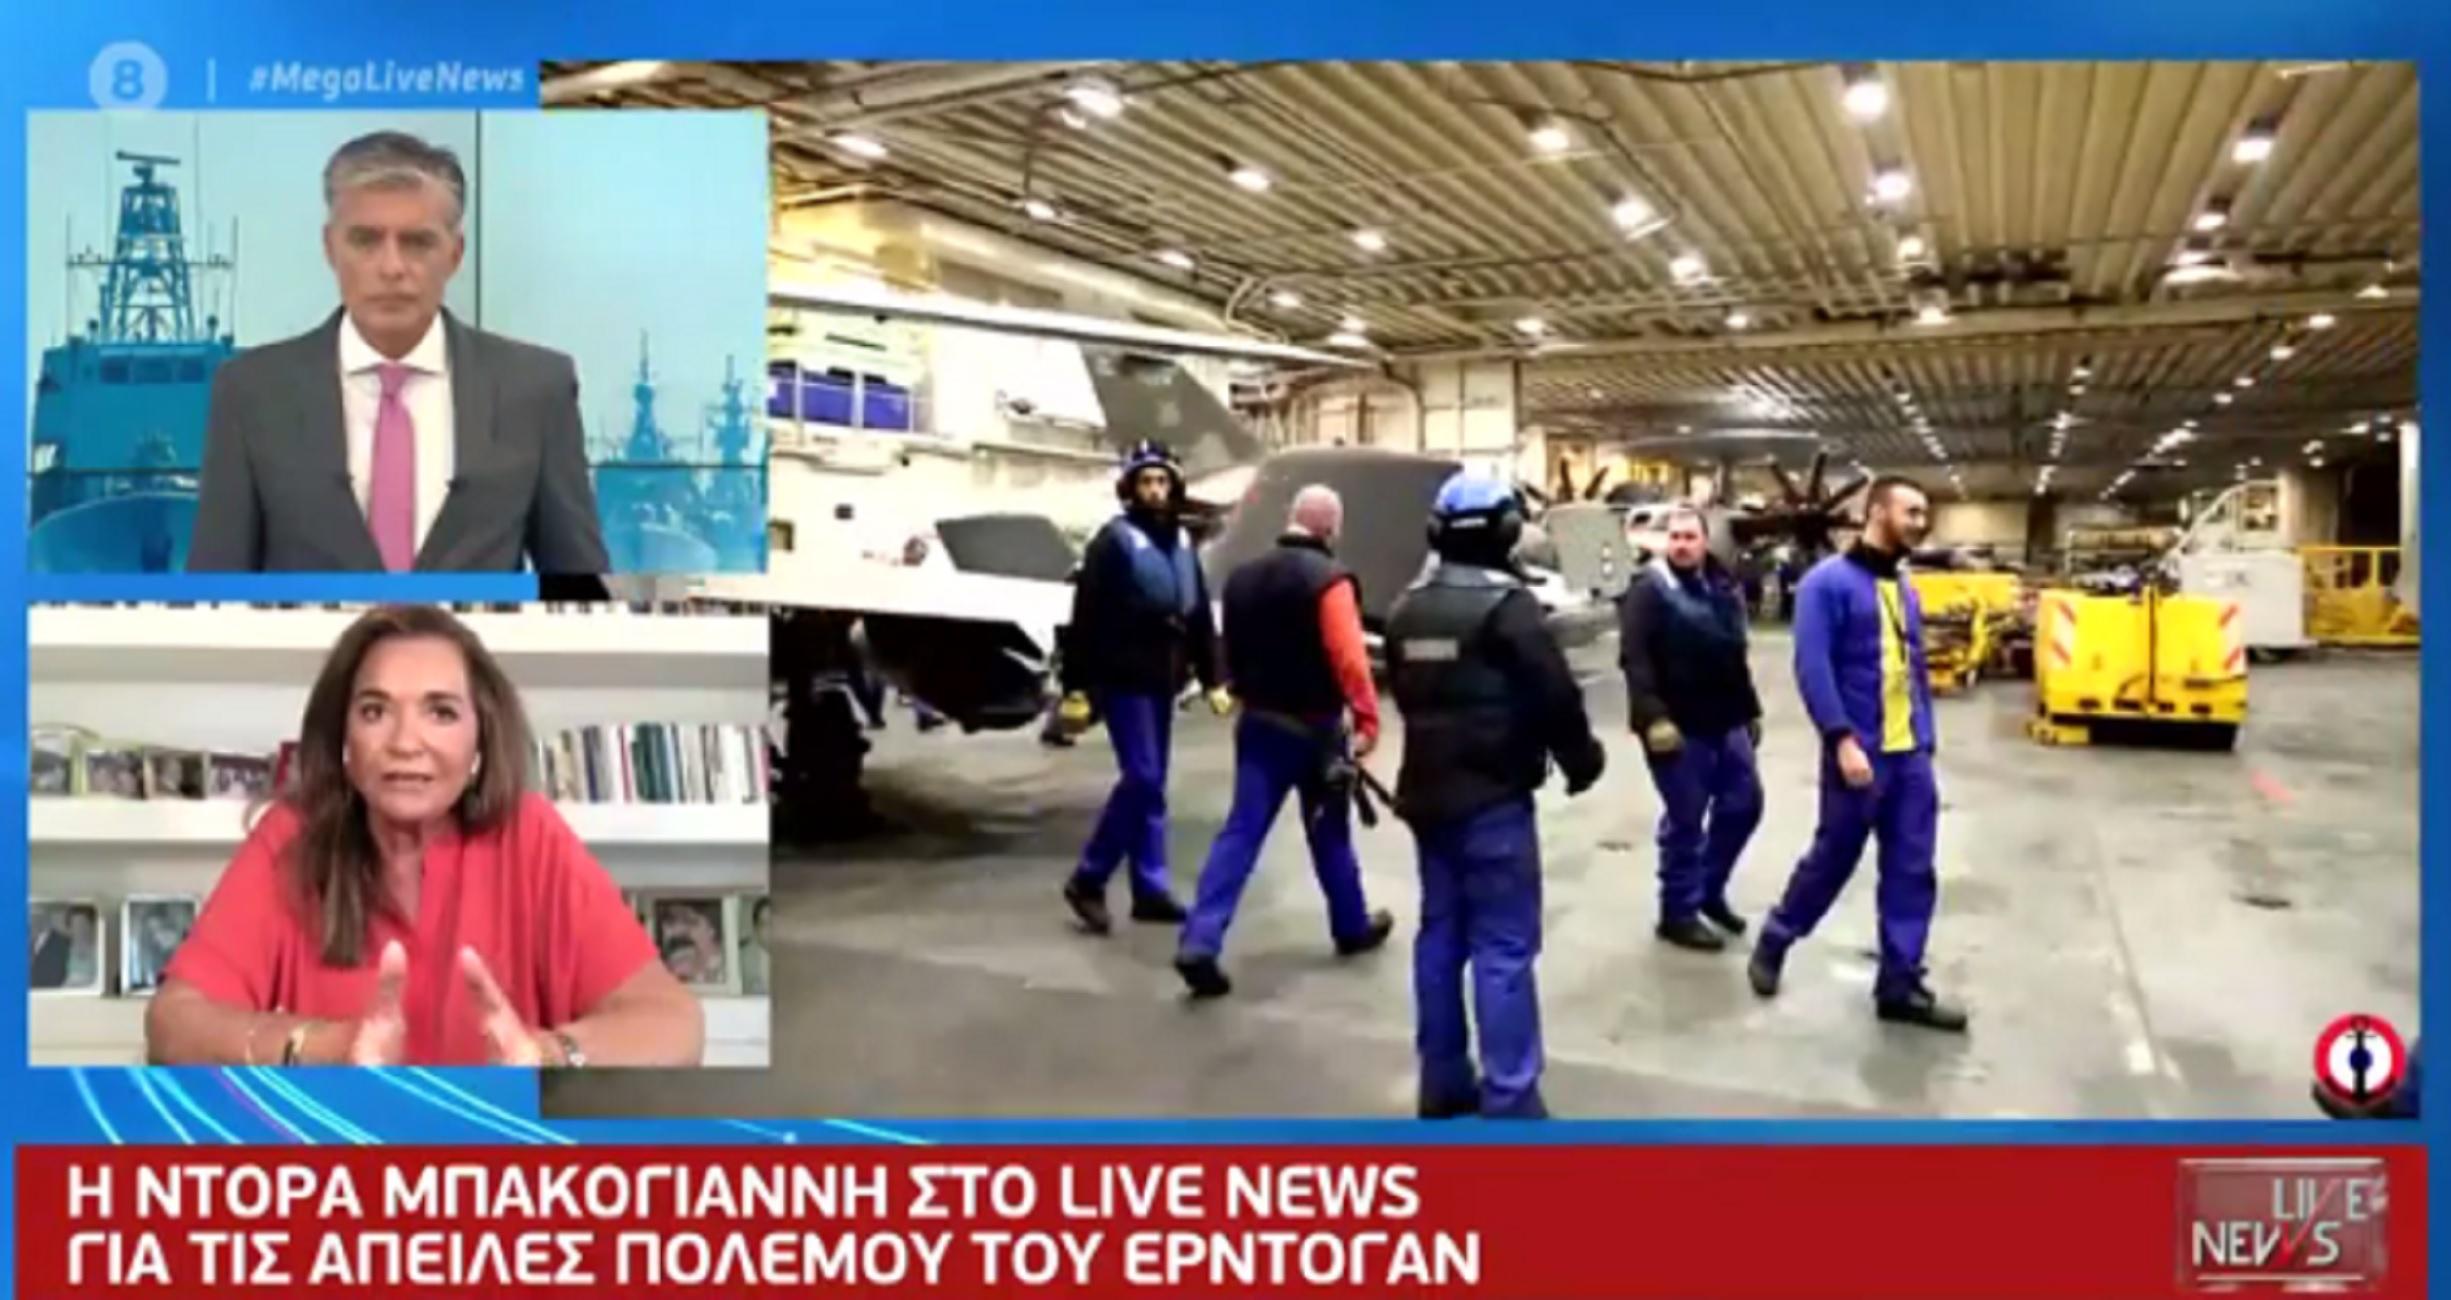 Μπακογιάννη σε Live News: Σήμερα μοιάζει ανέφικτο να ανοίξουμε διάλογο με την Τουρκία